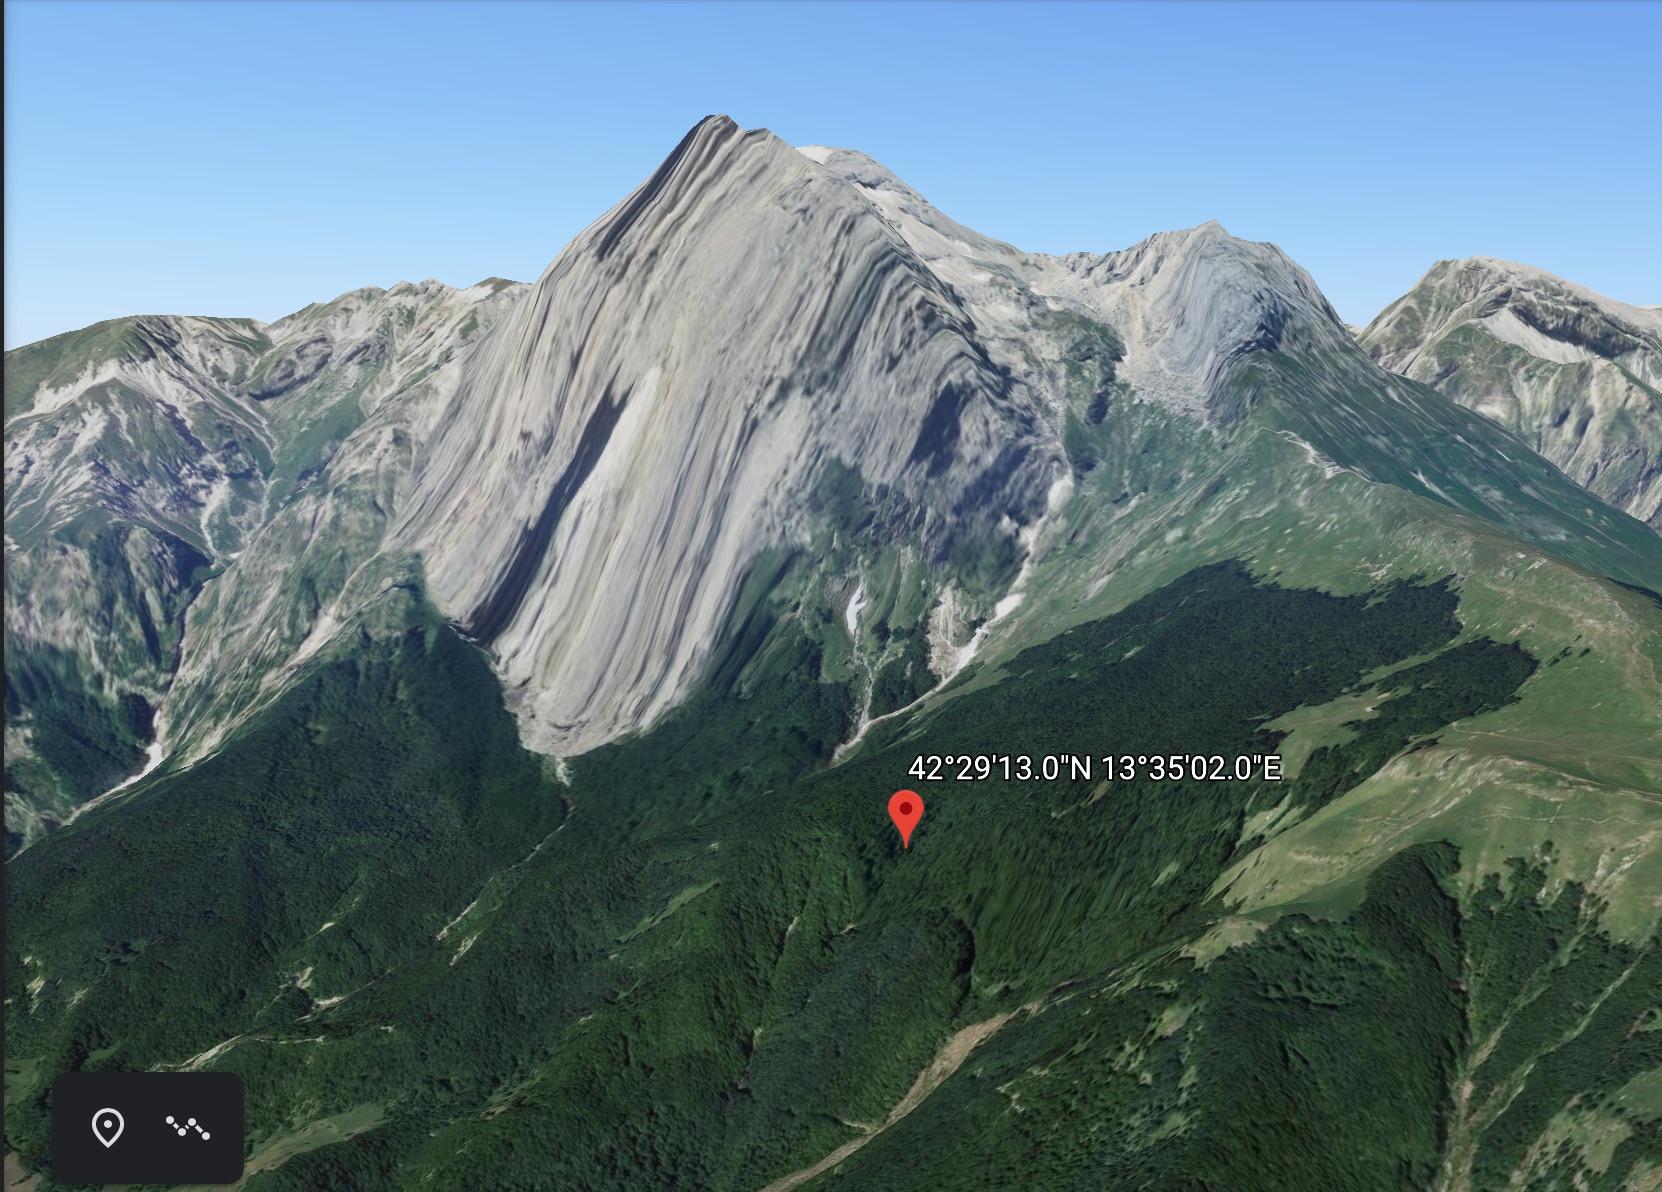 Recuperate due escursioniste in un bosco situato alla base del Paretone sul Gran Sasso